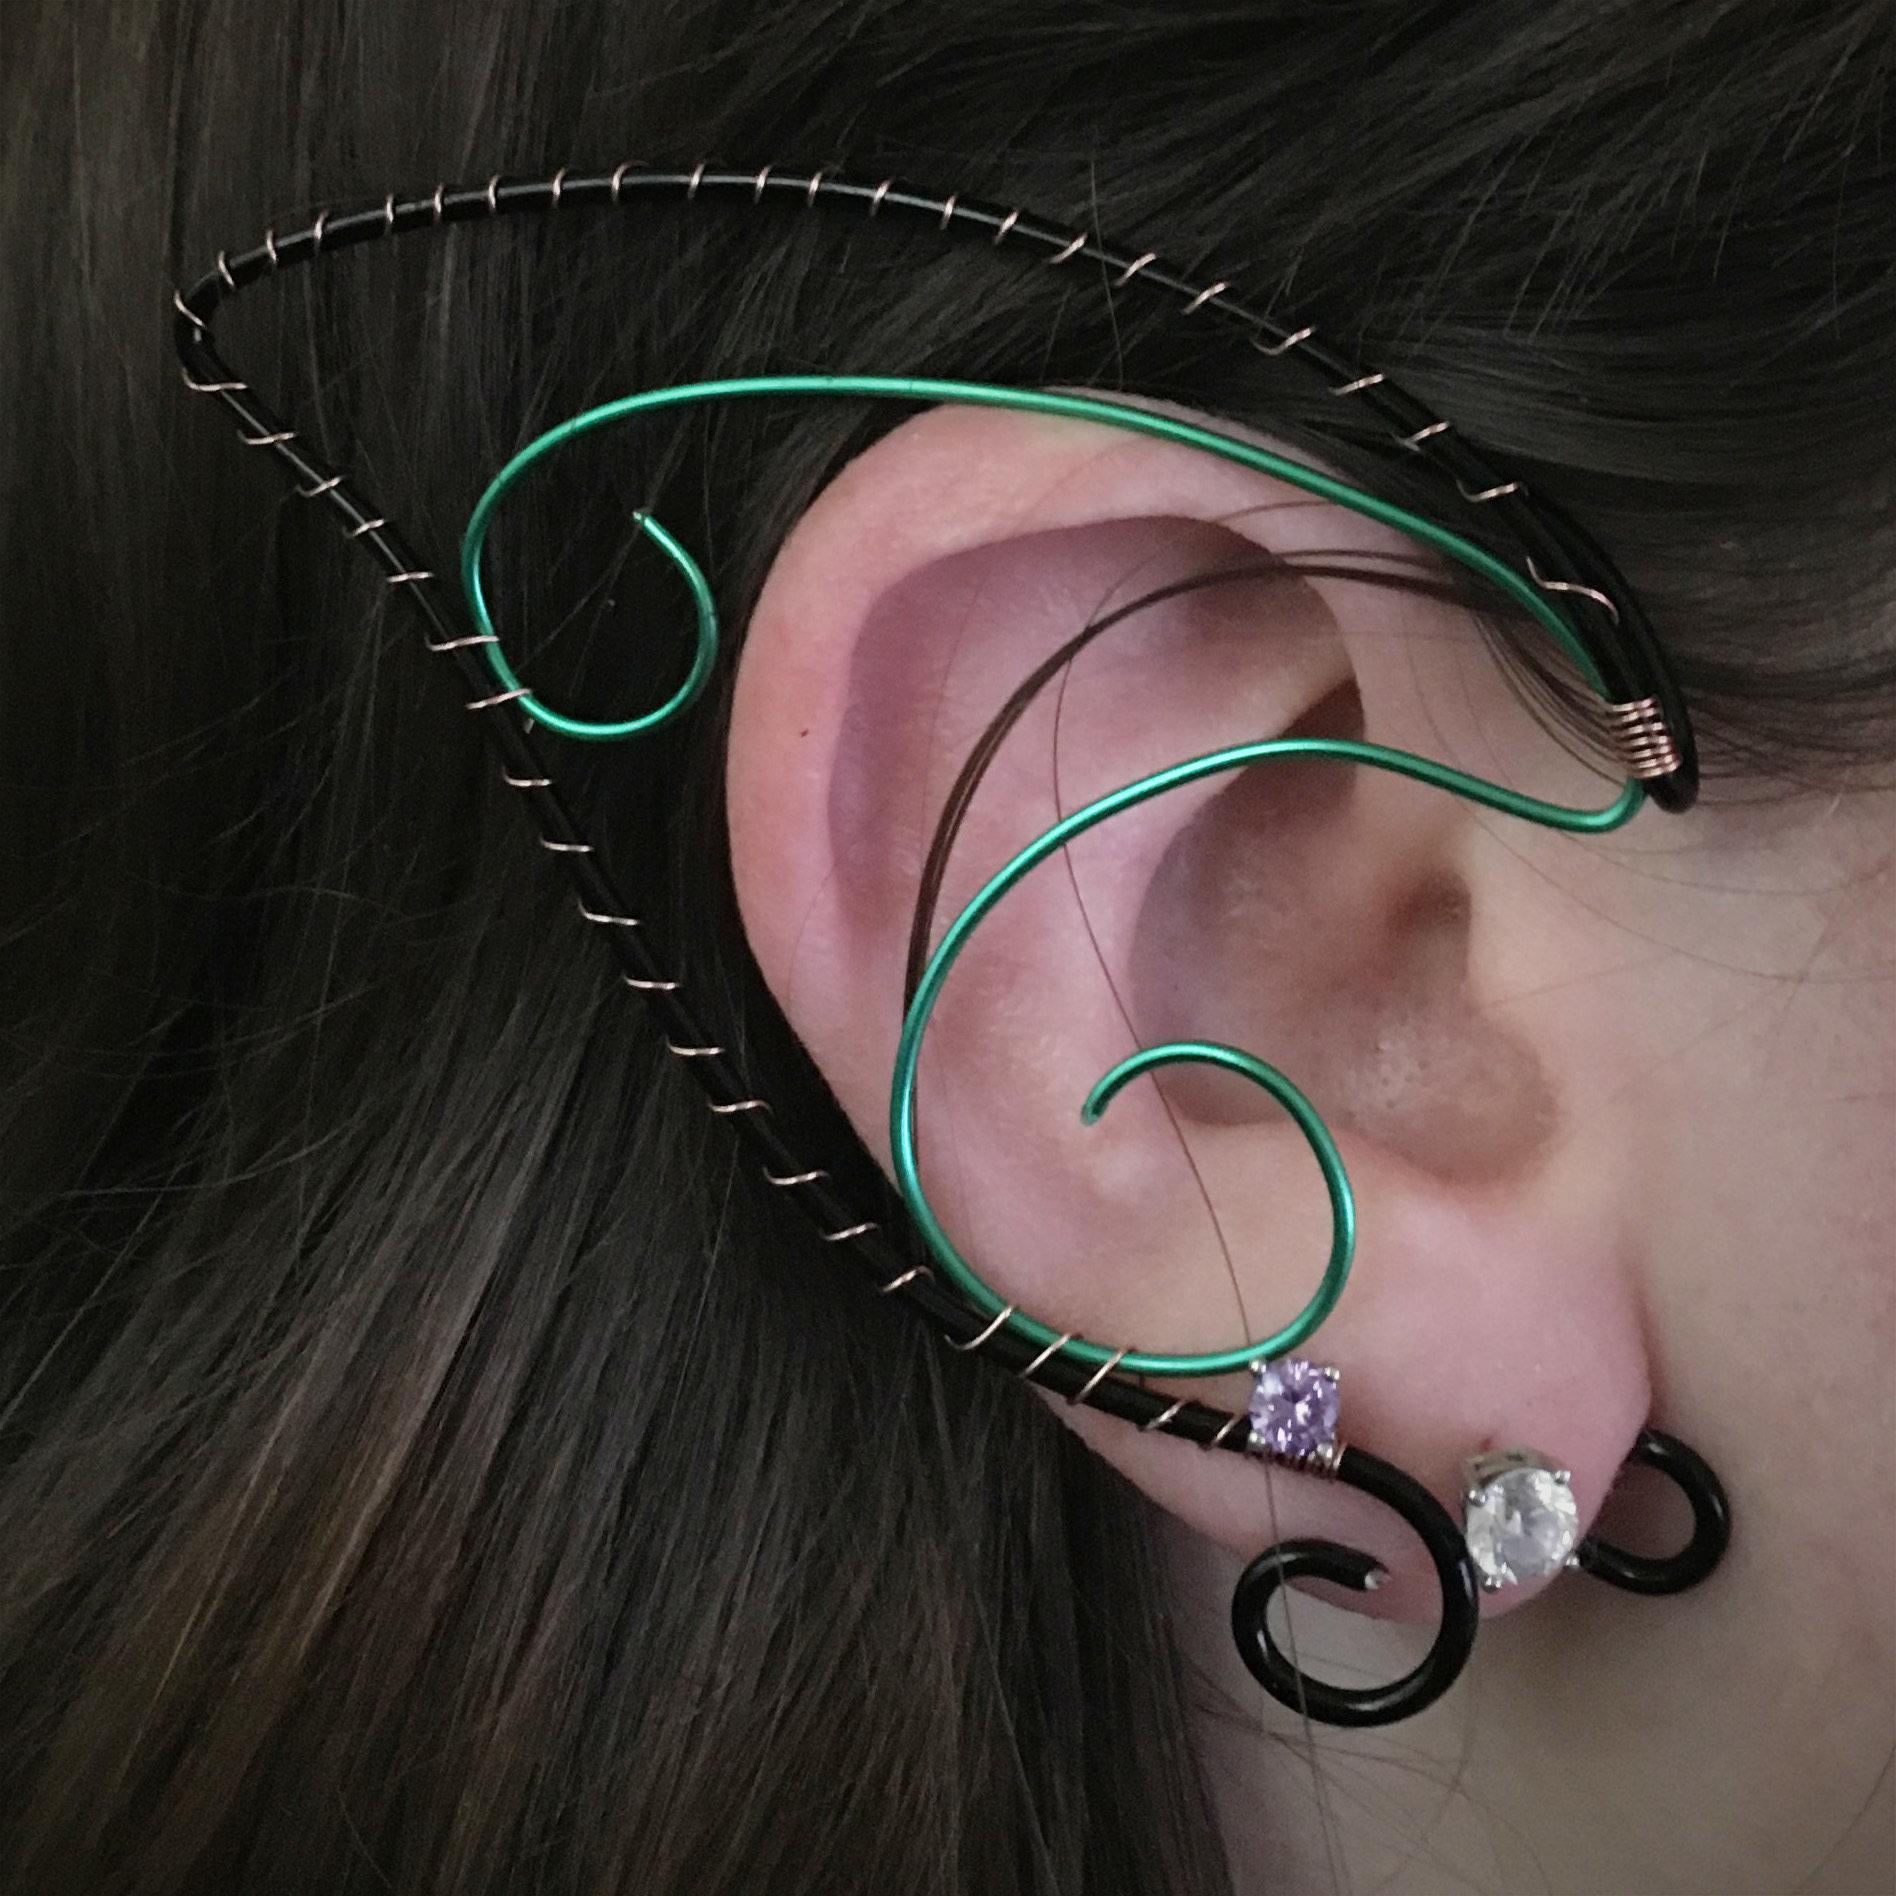 Elf Ear Cuff - Black and Green EC015